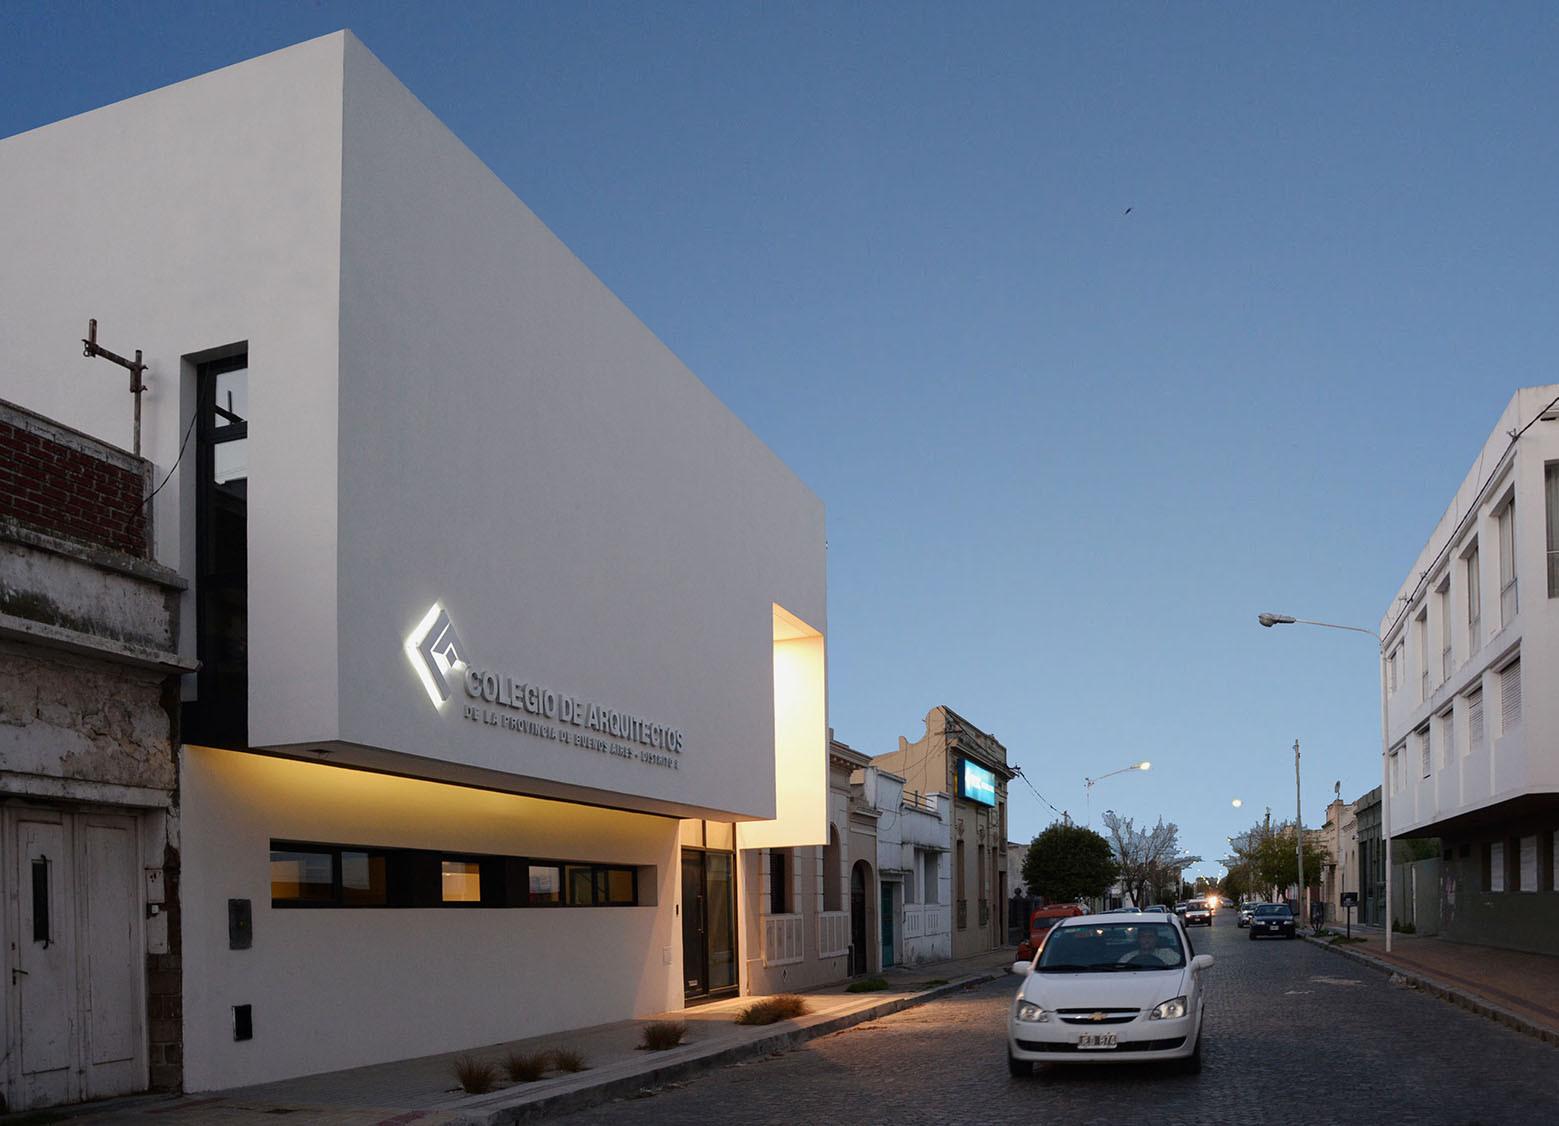 Colegio de arquitectos de la provincia de buenos aires - Colegio de arquitectos cadiz ...